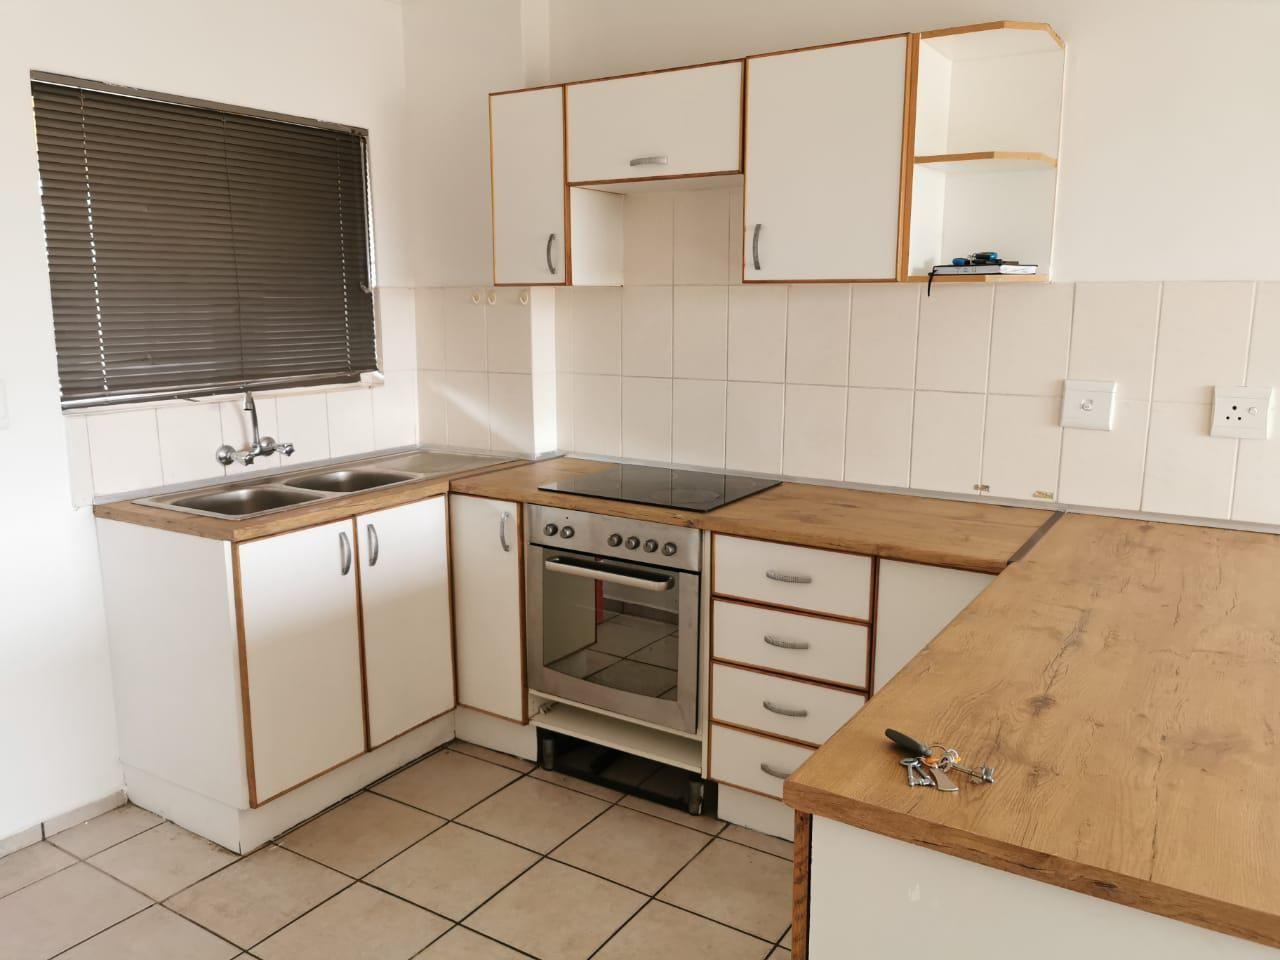 2 Bedroom Apartment For Sale in Arboretum